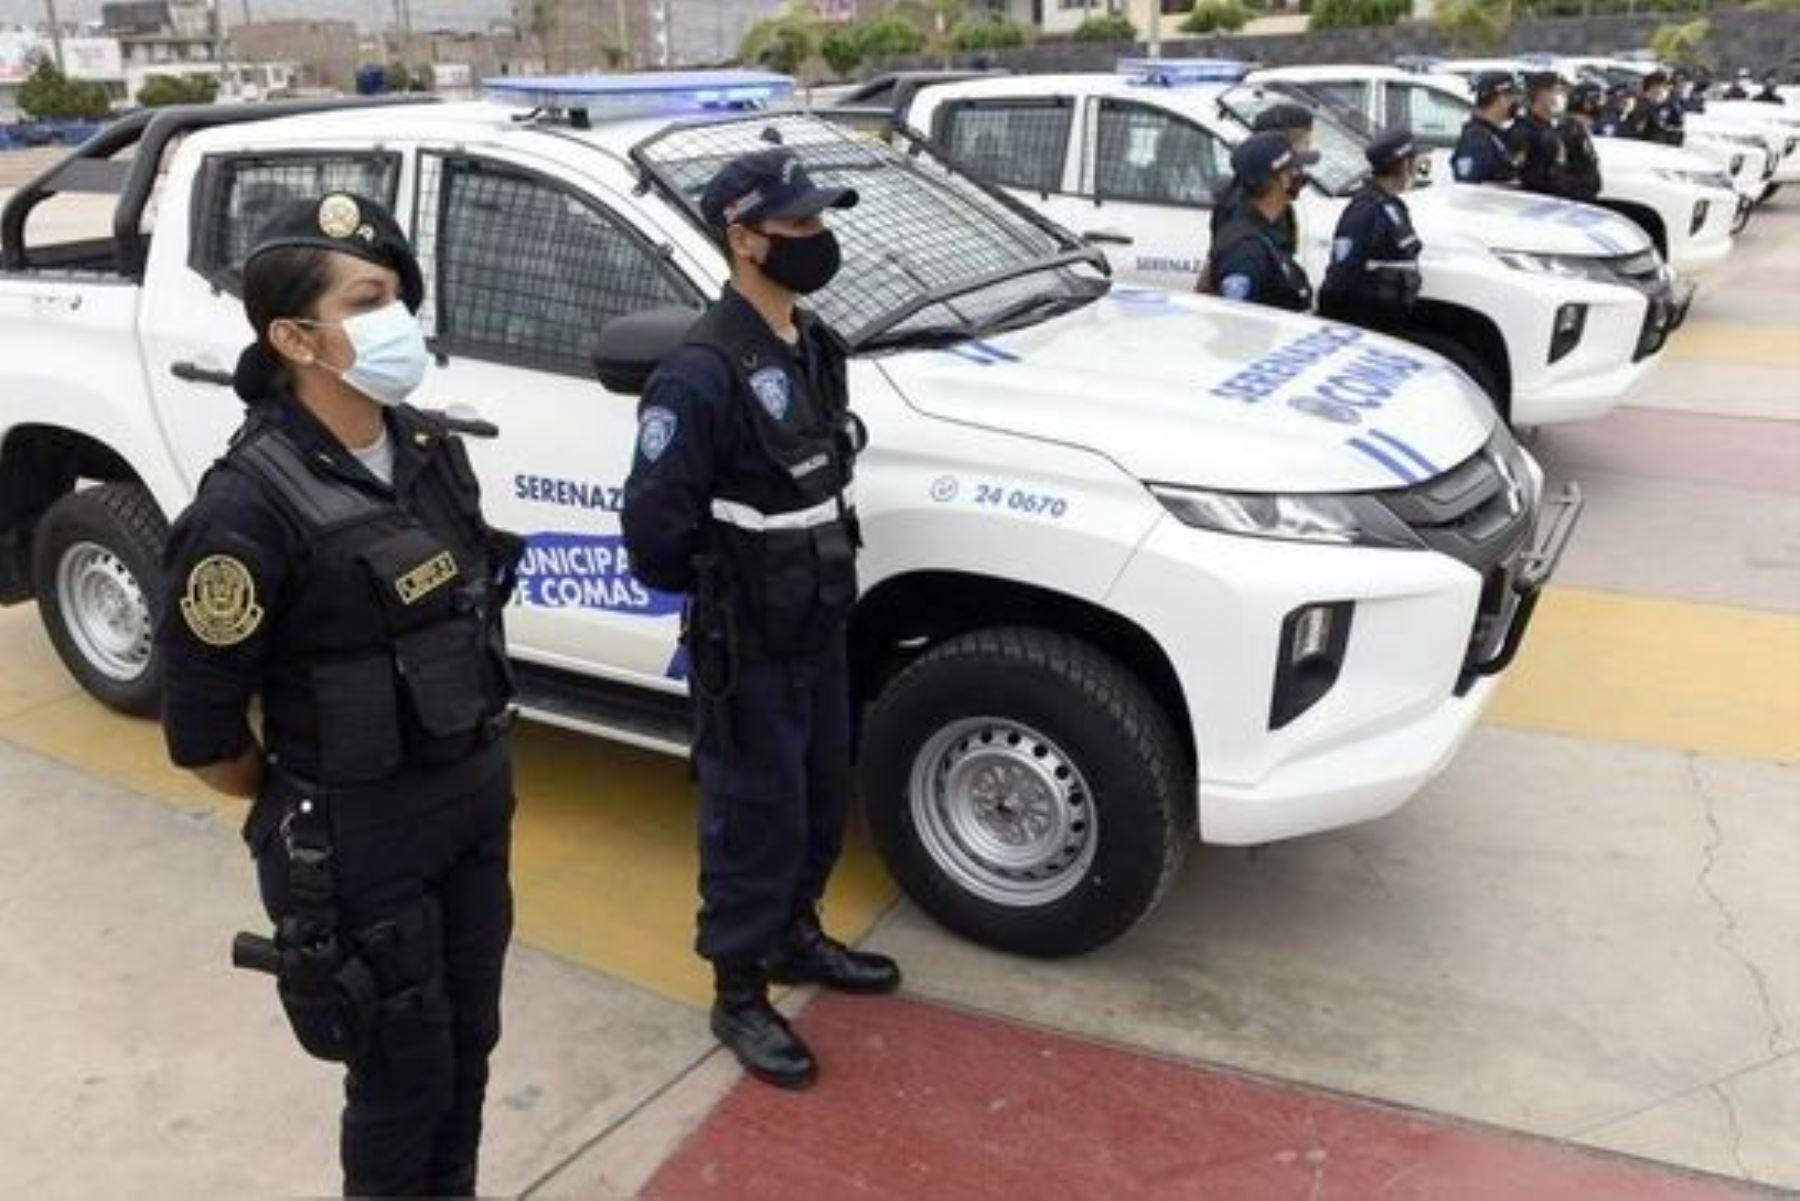 Mininter fortalece planificación de 364 comités de seguridad ciudadana que incluye al patrullaje integrado de serenazgo y Policía Nacional. Foto: ANDINA/Difusión.